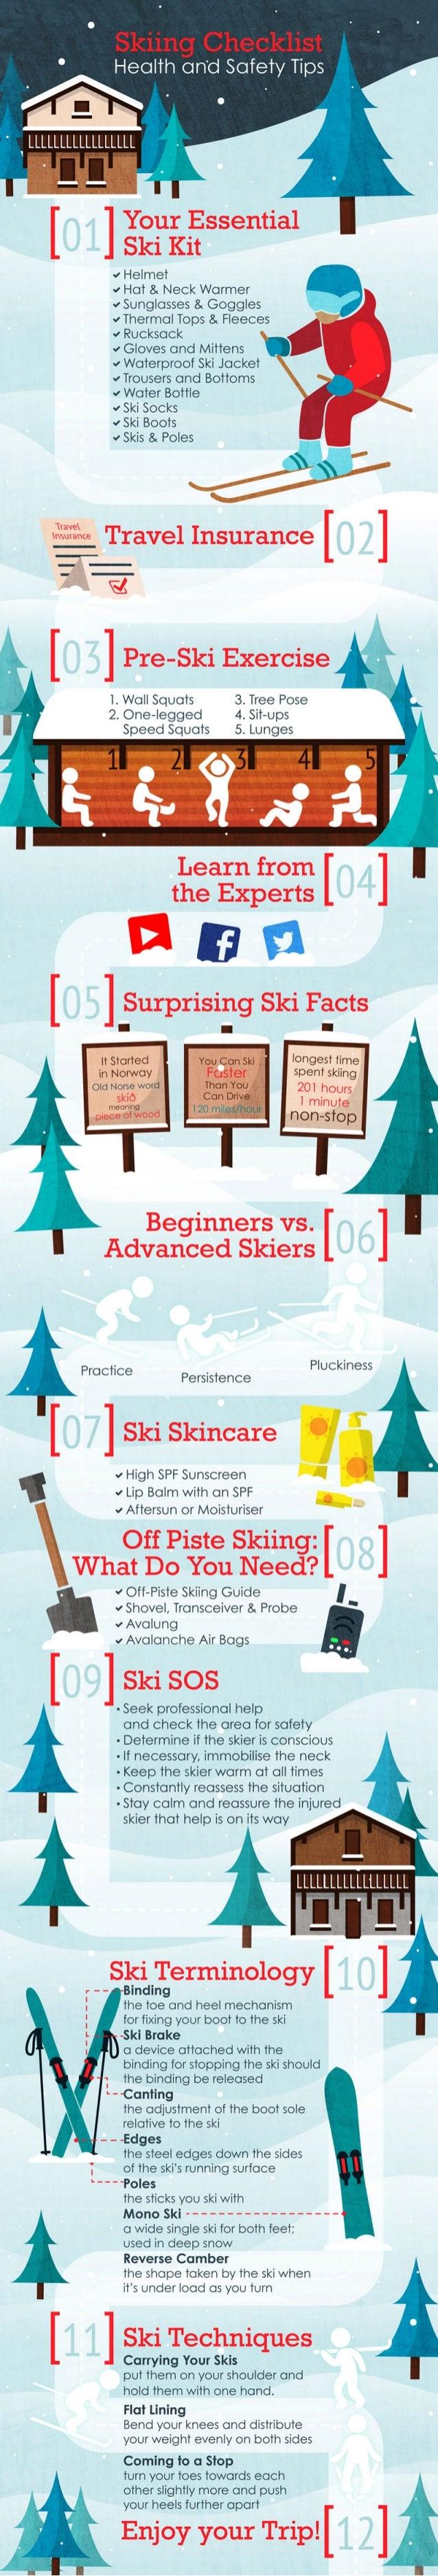 Ski Bonjour's Ultimate Skiing Checklist